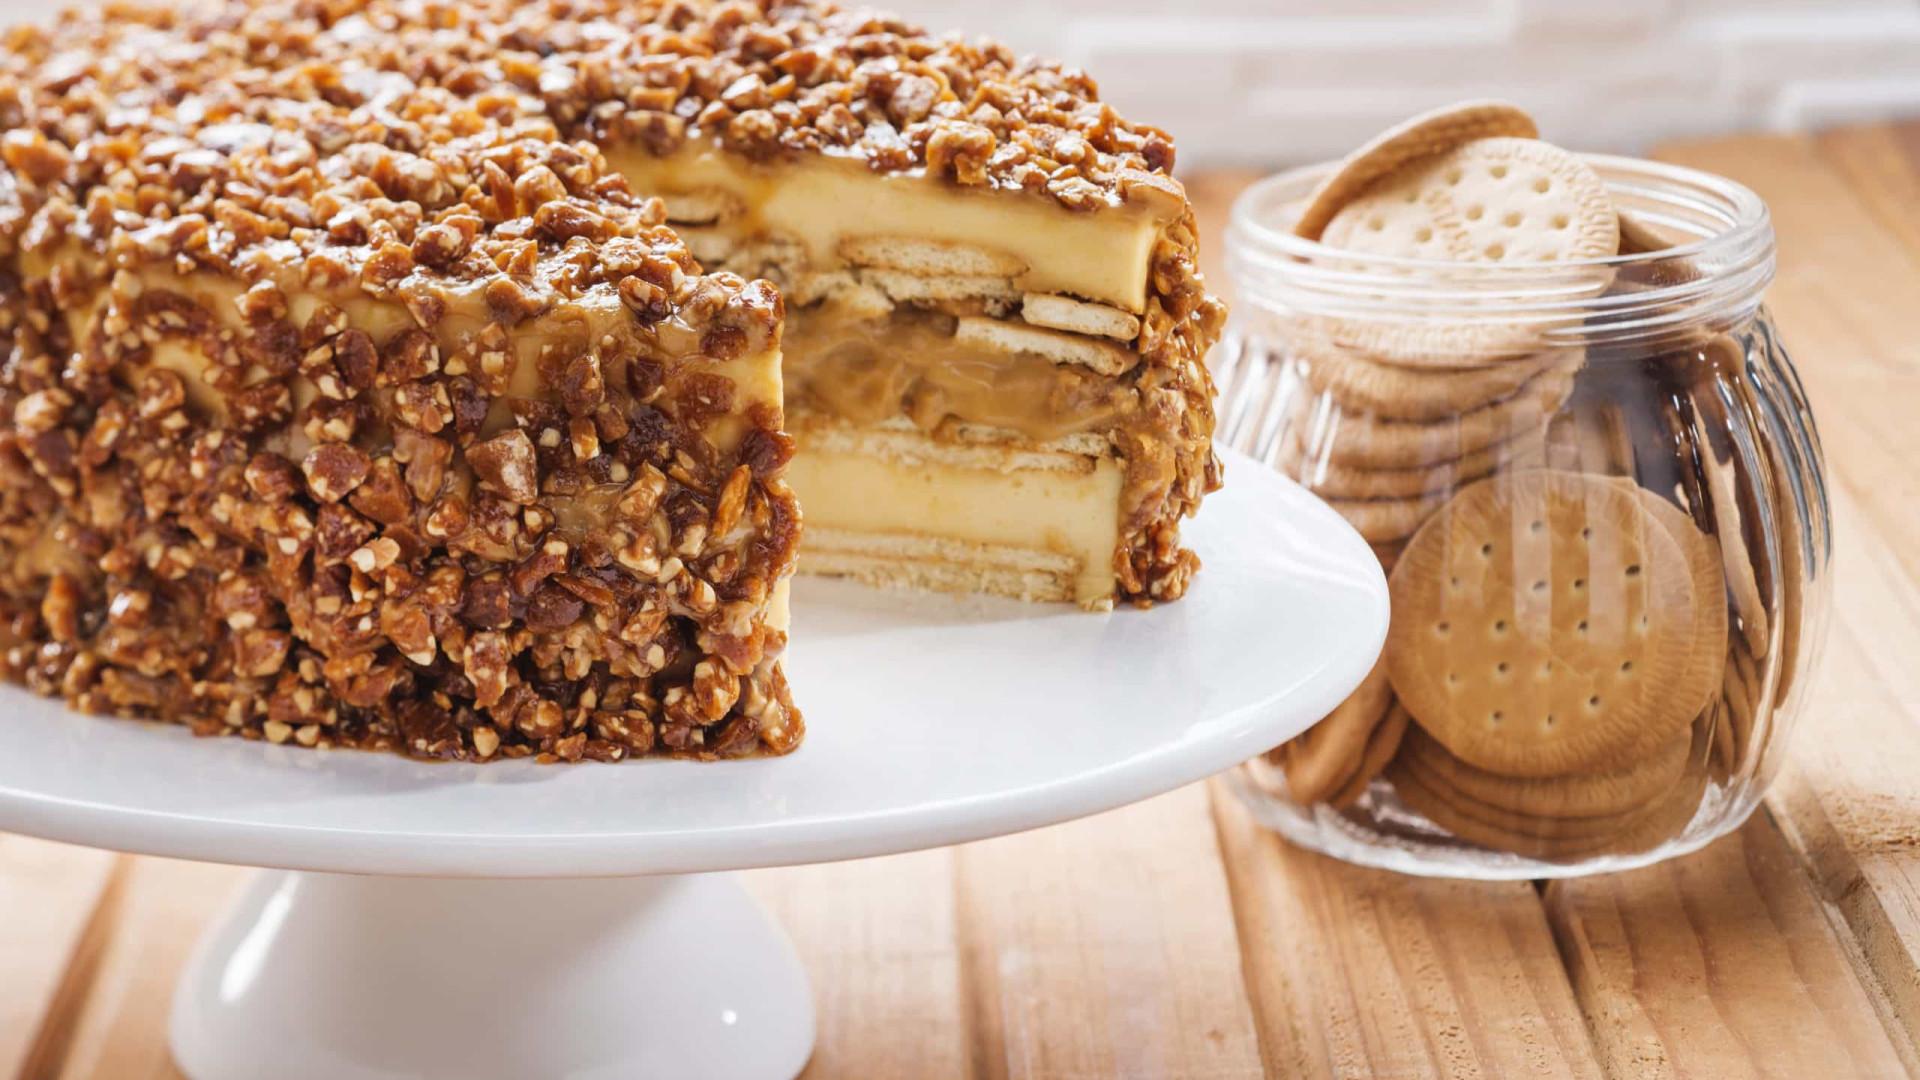 Receita: Torta de biscoito maria com doce de leite e crocante de castanha